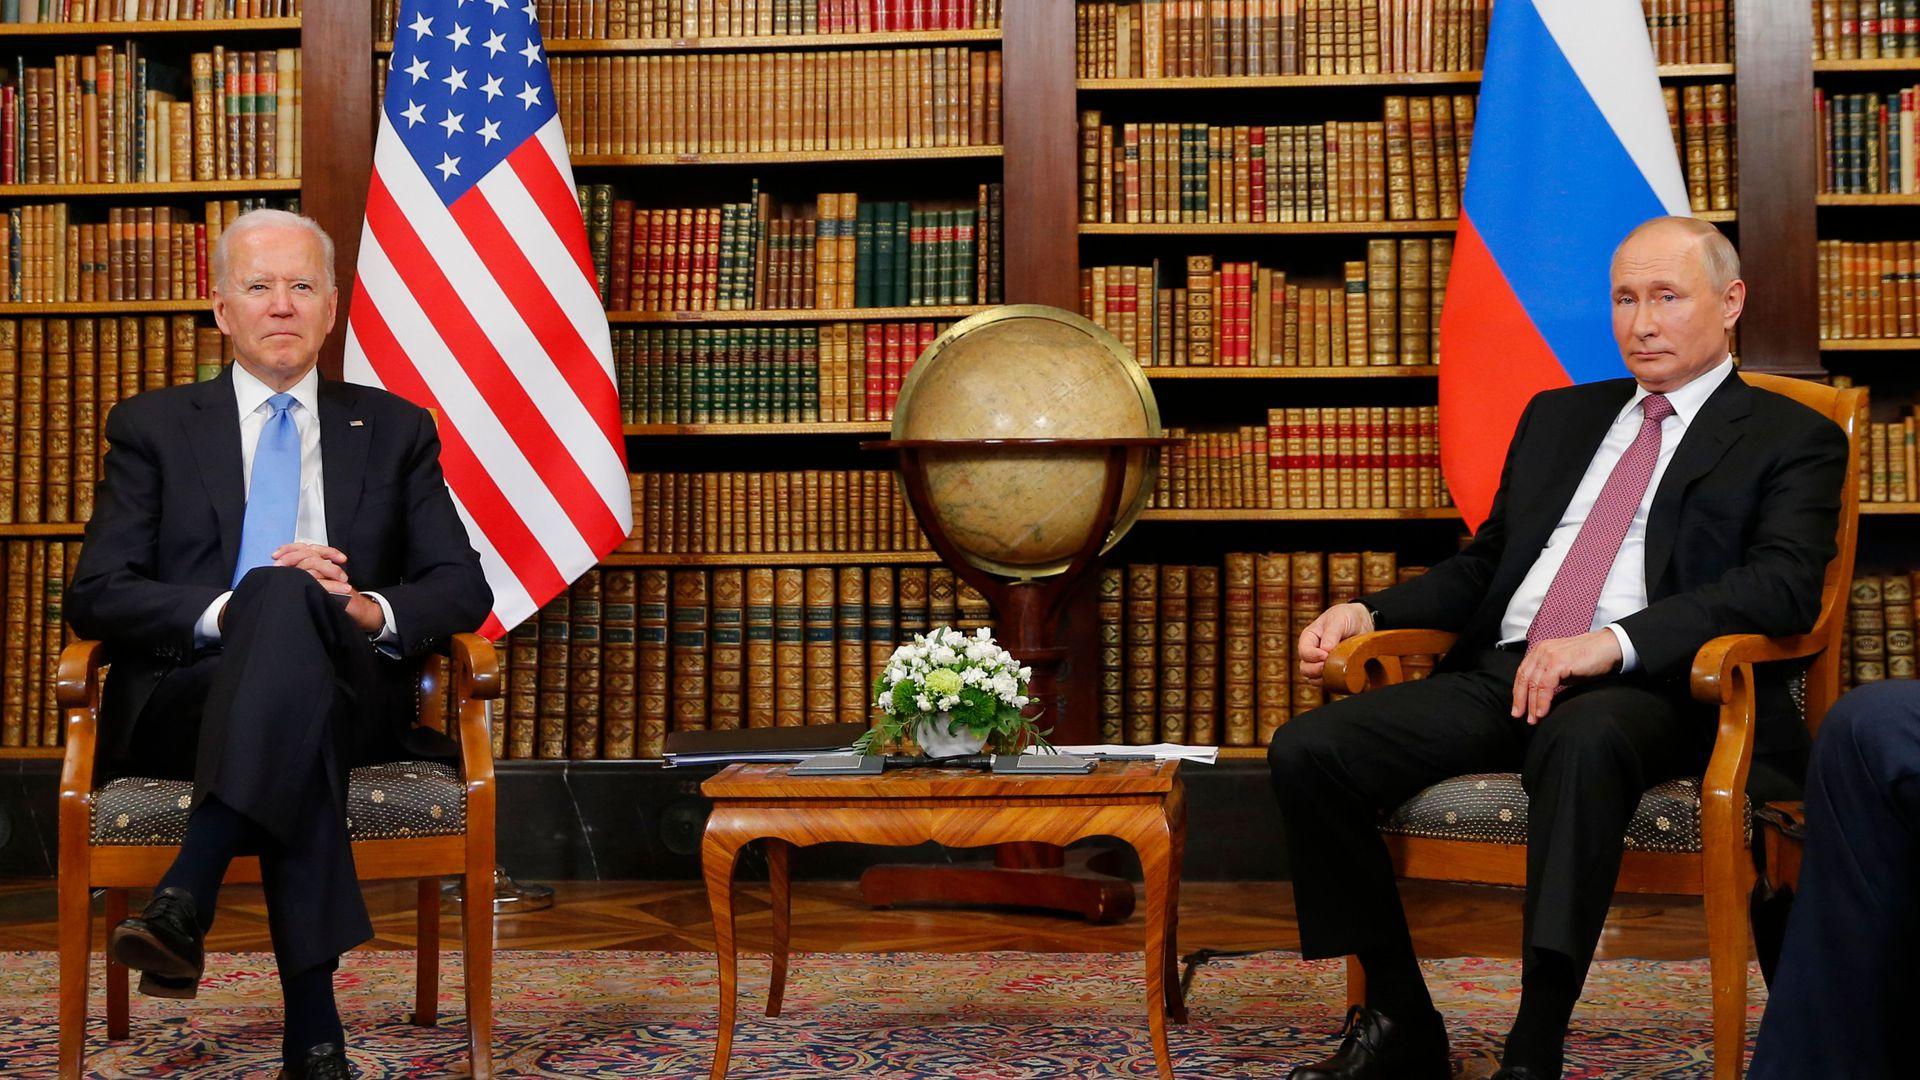 De ce întâlnirea de la Geneva ne arată că Putin nu e dispus să se schimbe, în ciuda mesajului transmis de Biden